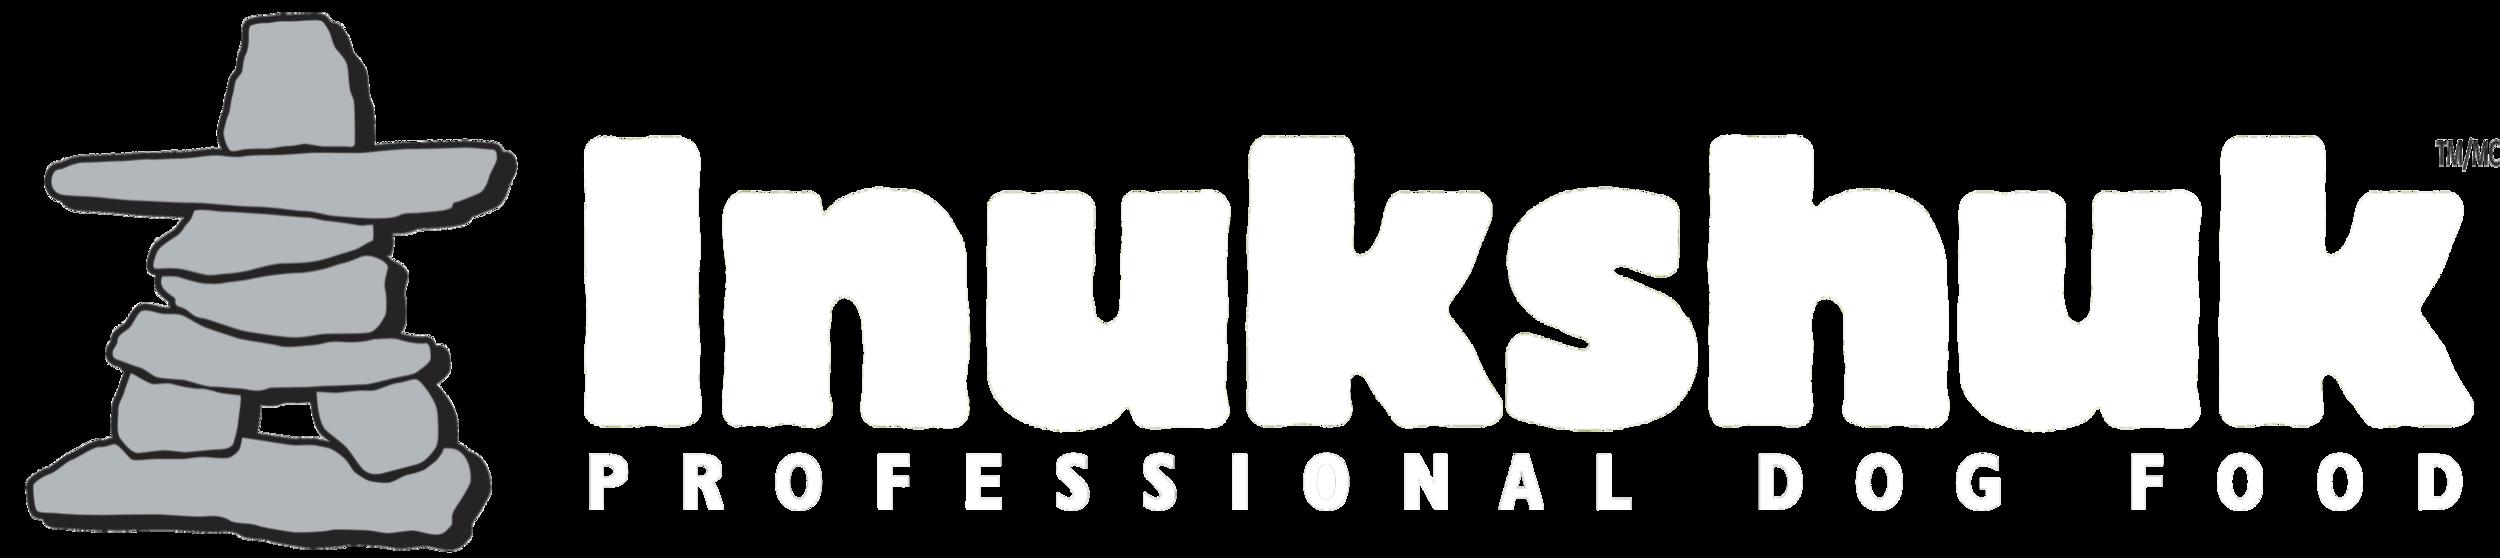 Inukshuk-white-horiz.png